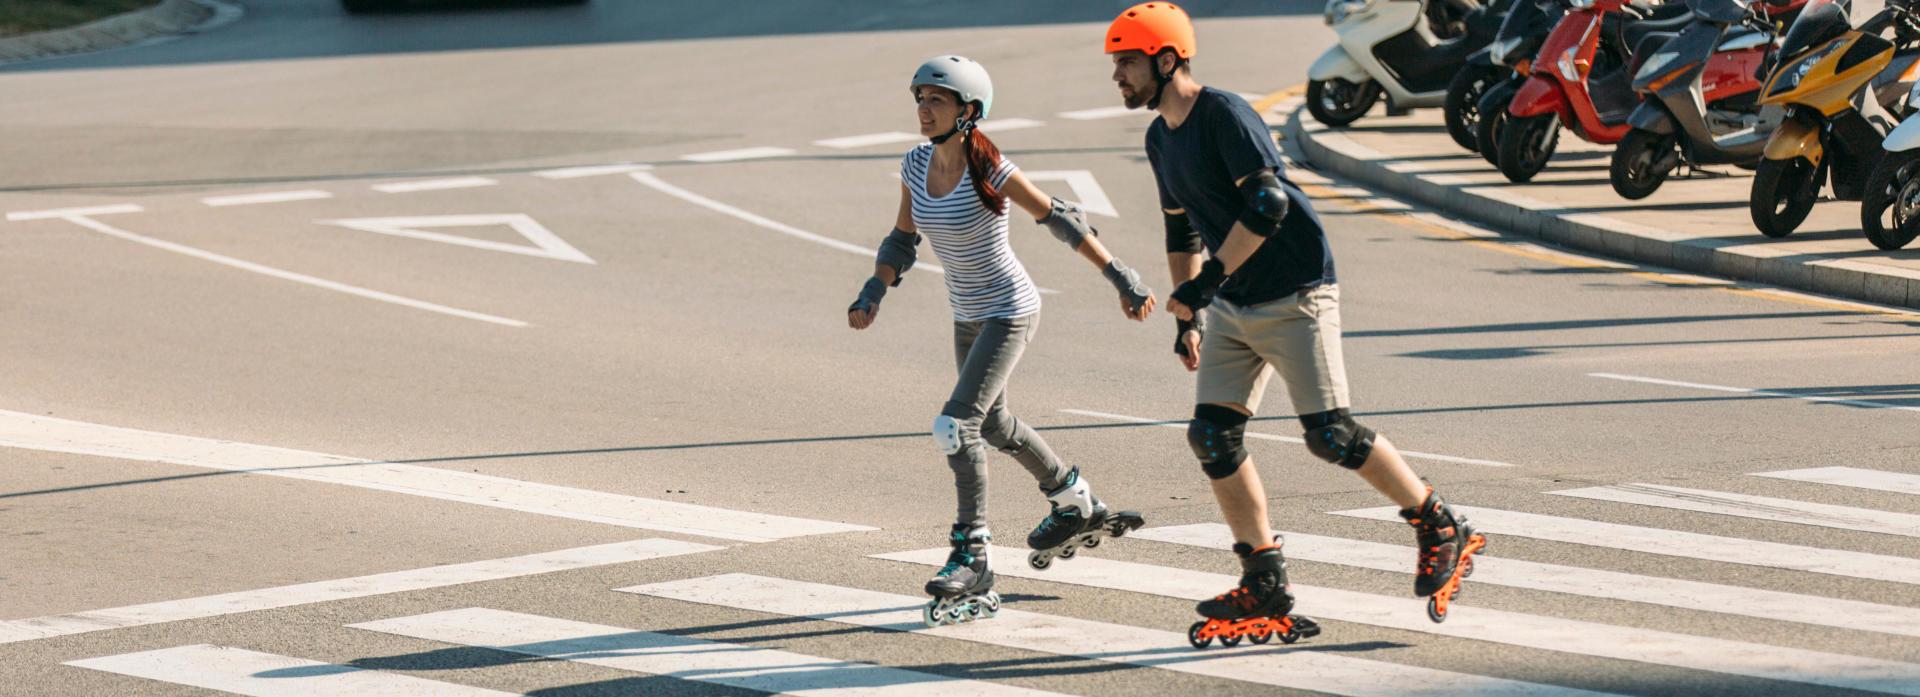 Homem e mulher a andar de patins na cidade